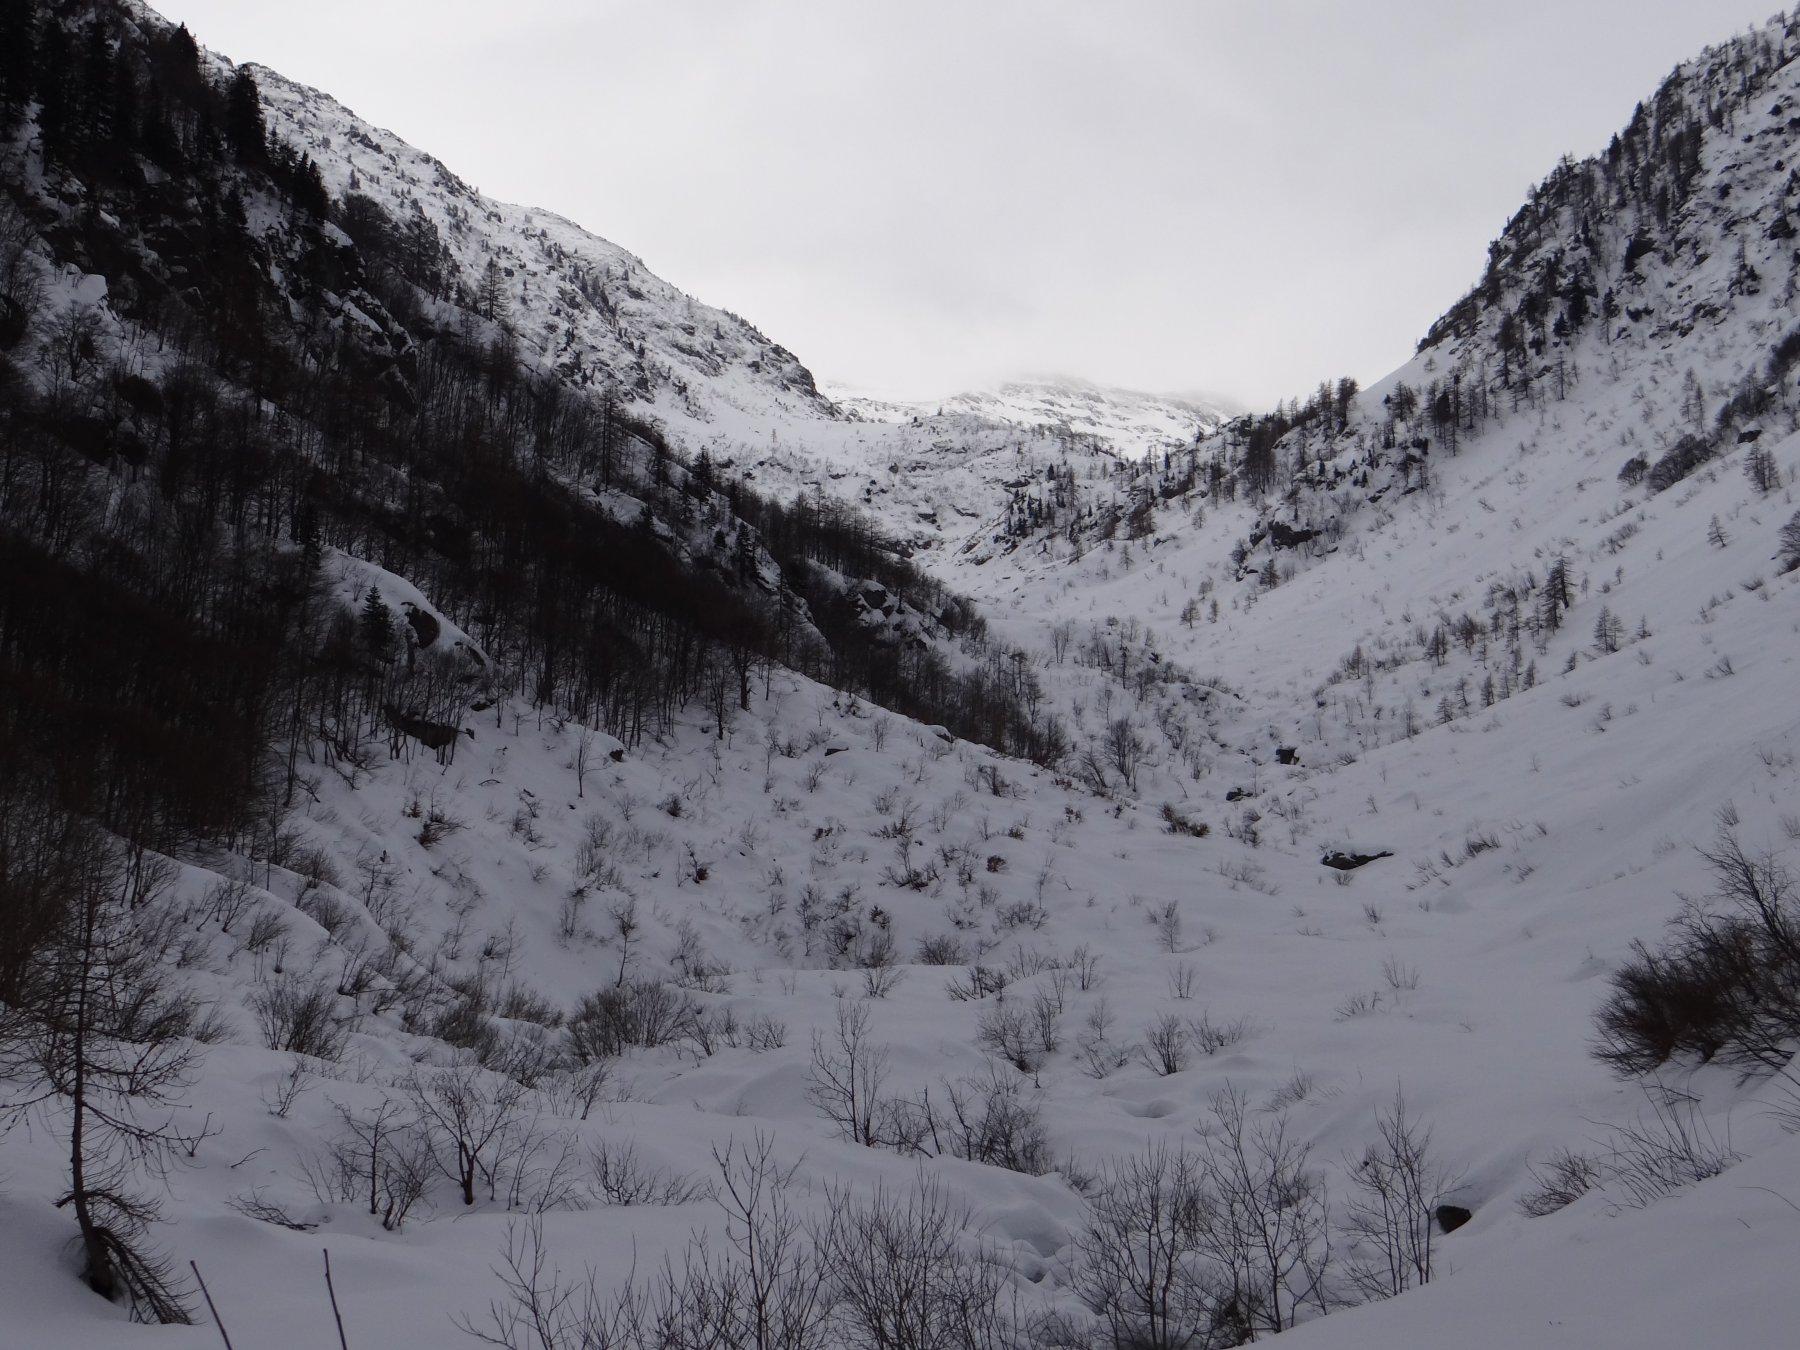 Salendo lungo il vallone principale (Gias Traversa), si notano ancora i segni delle valanghe estreme del 2008-2009